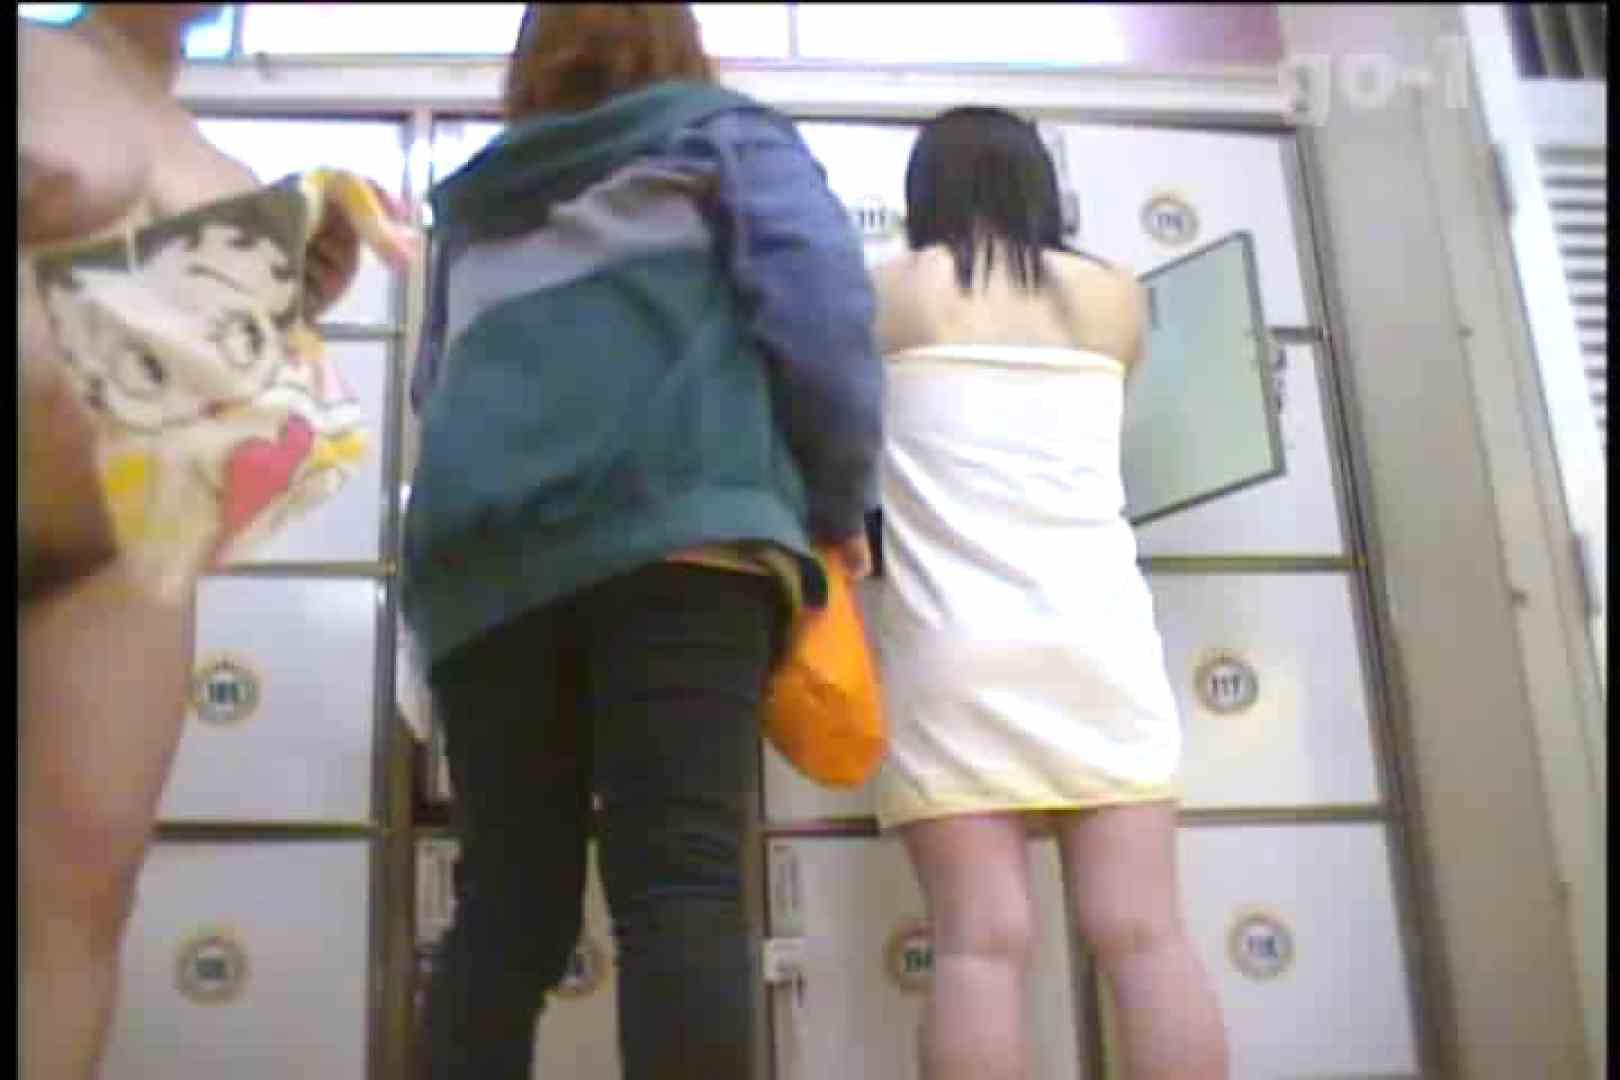 電波カメラ設置浴場からの防HAN映像 Vol.11 盗撮  76pic 33